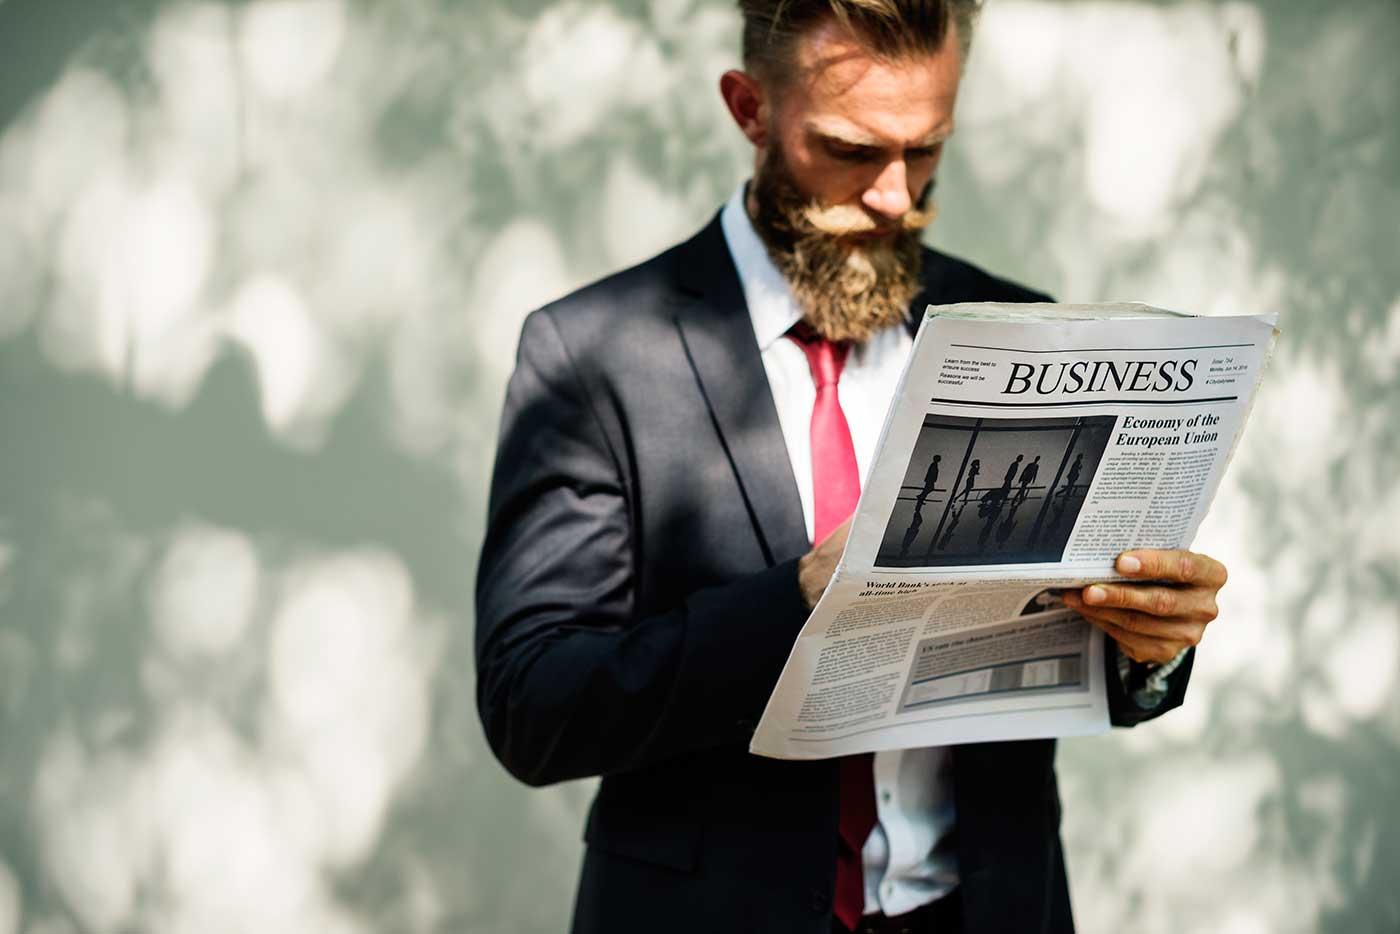 От идеи – к бизнесу: 5 советов от Джоша Кауфмана